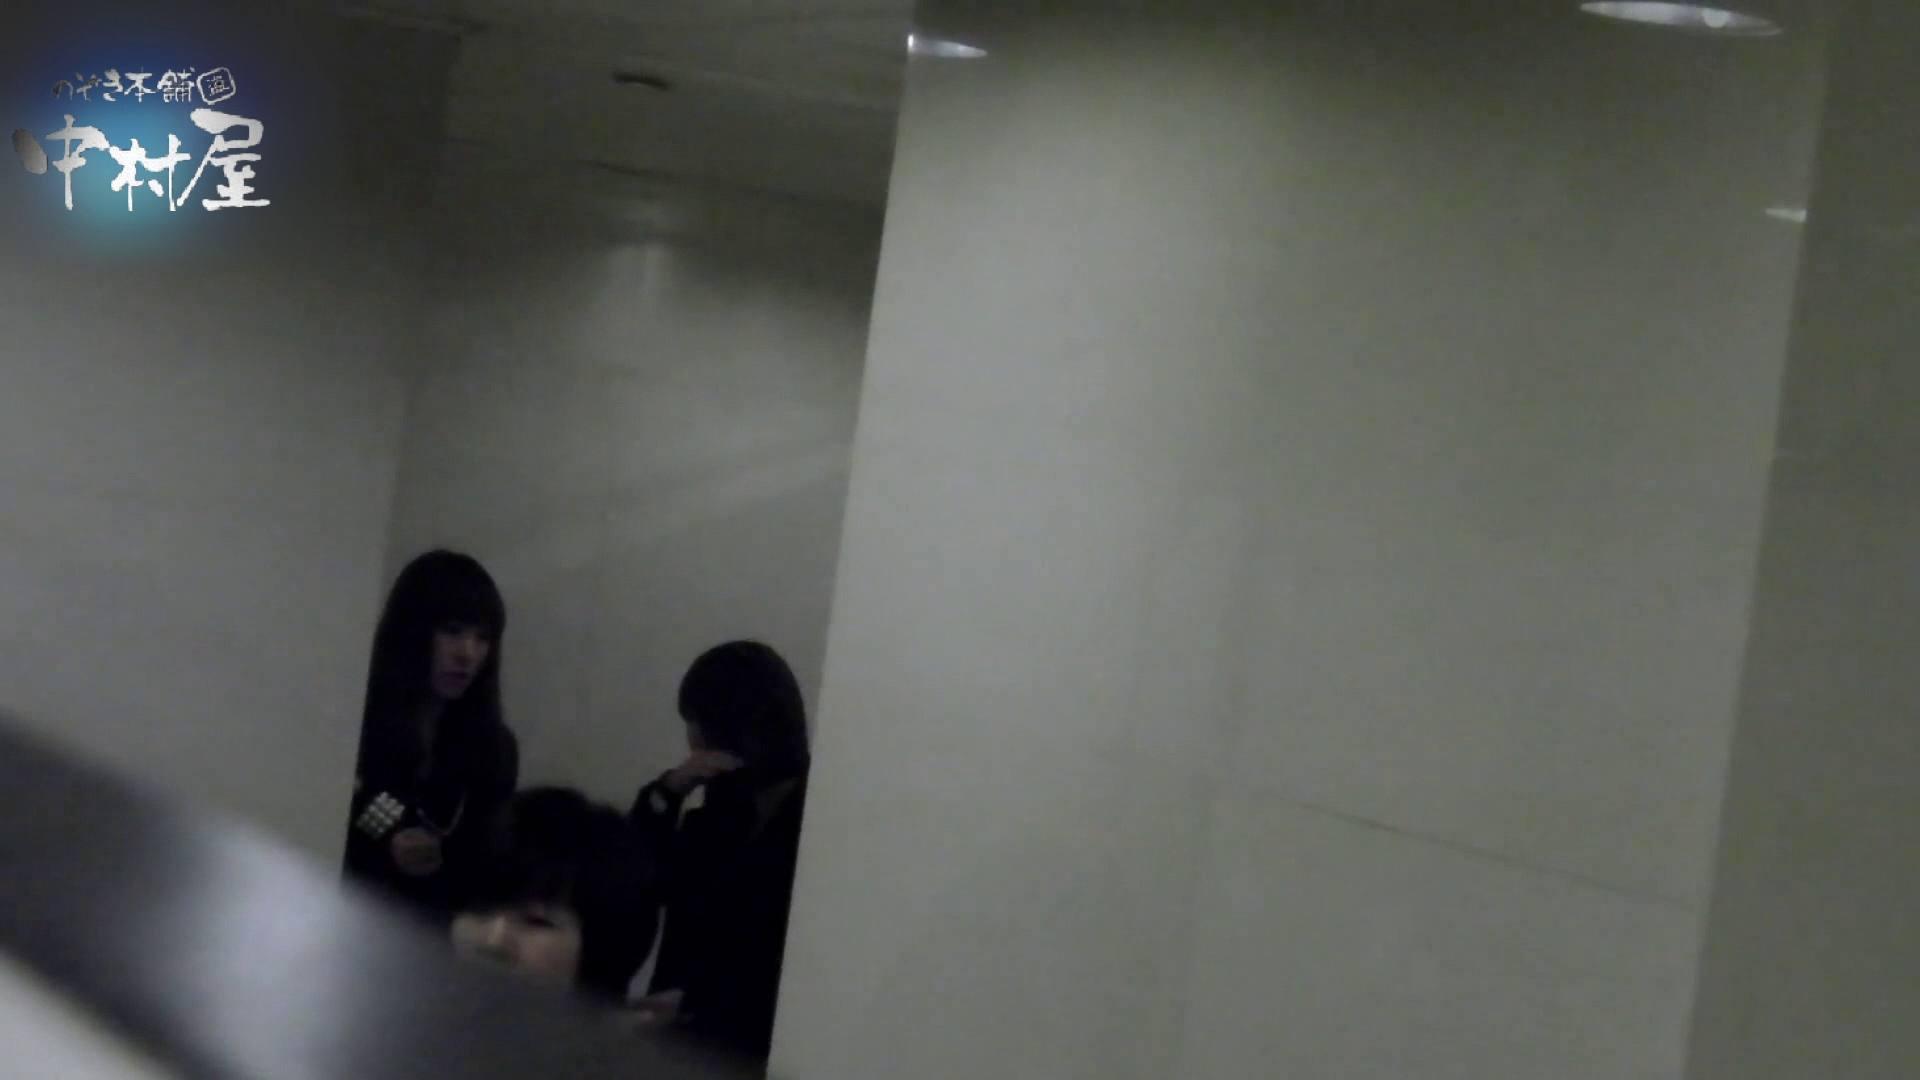 乙女集まる!ショッピングモール潜入撮vol.01 その他 セックス無修正動画無料 11枚 4